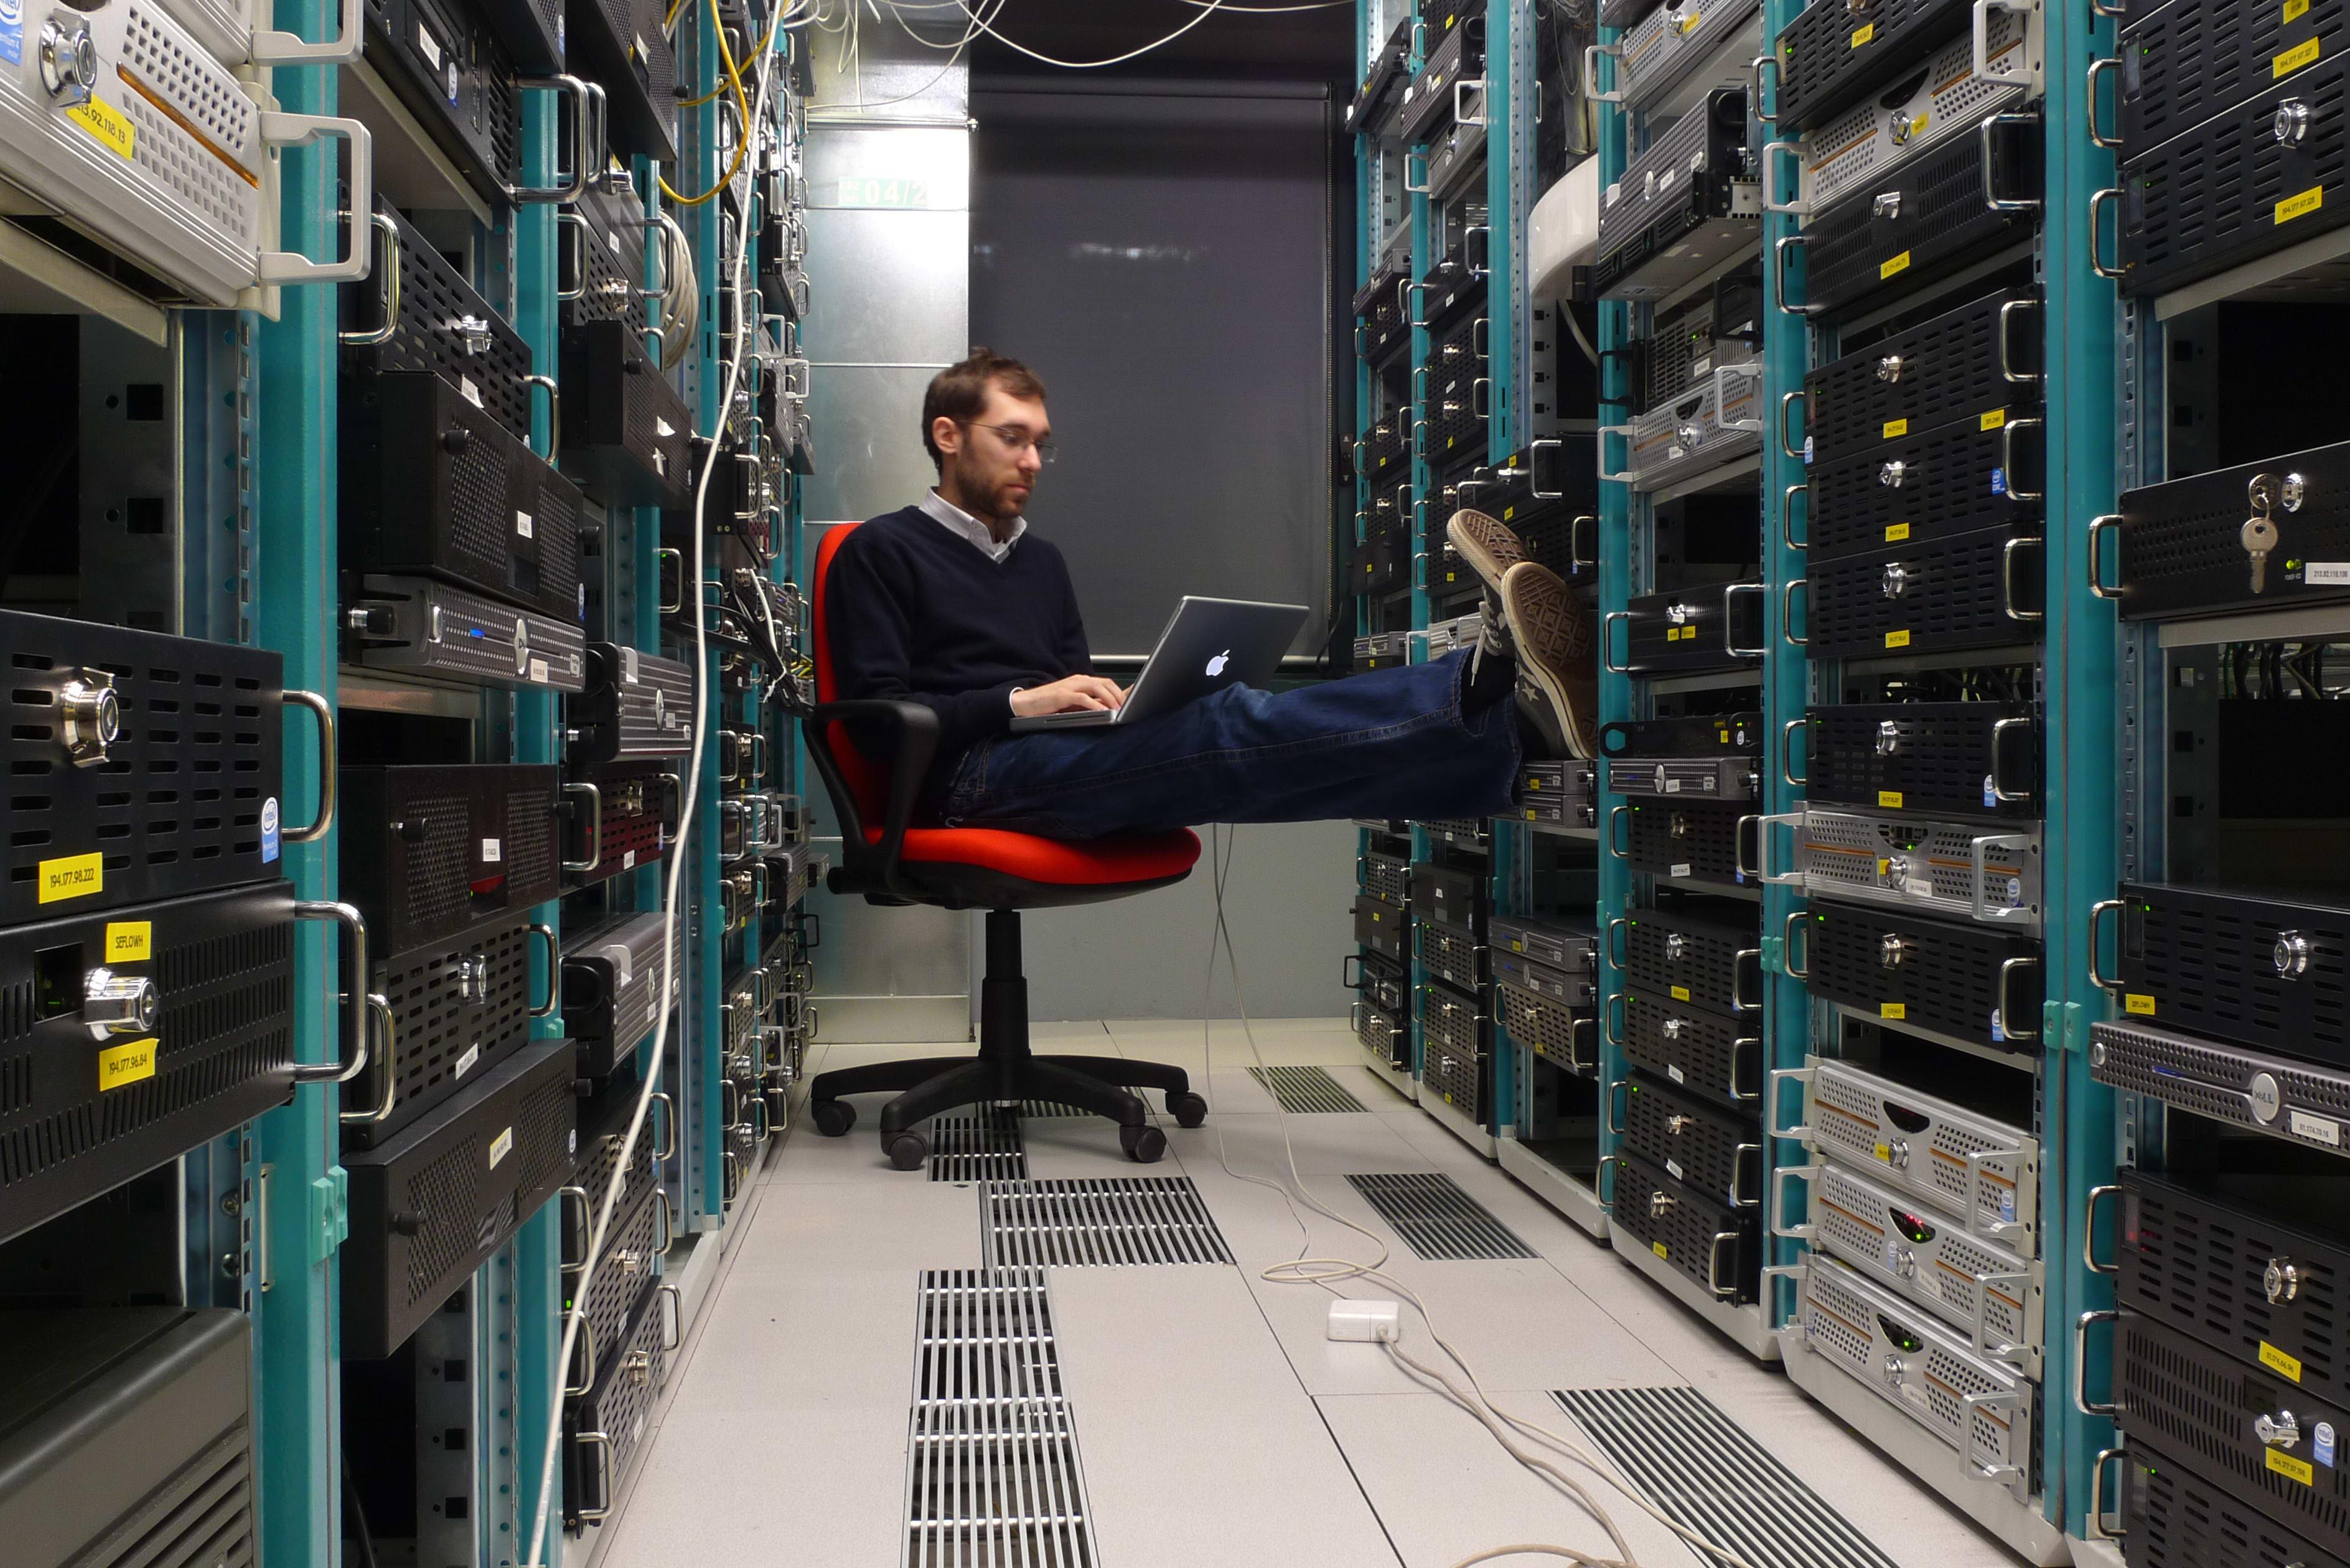 как поднять хостинг на сервере